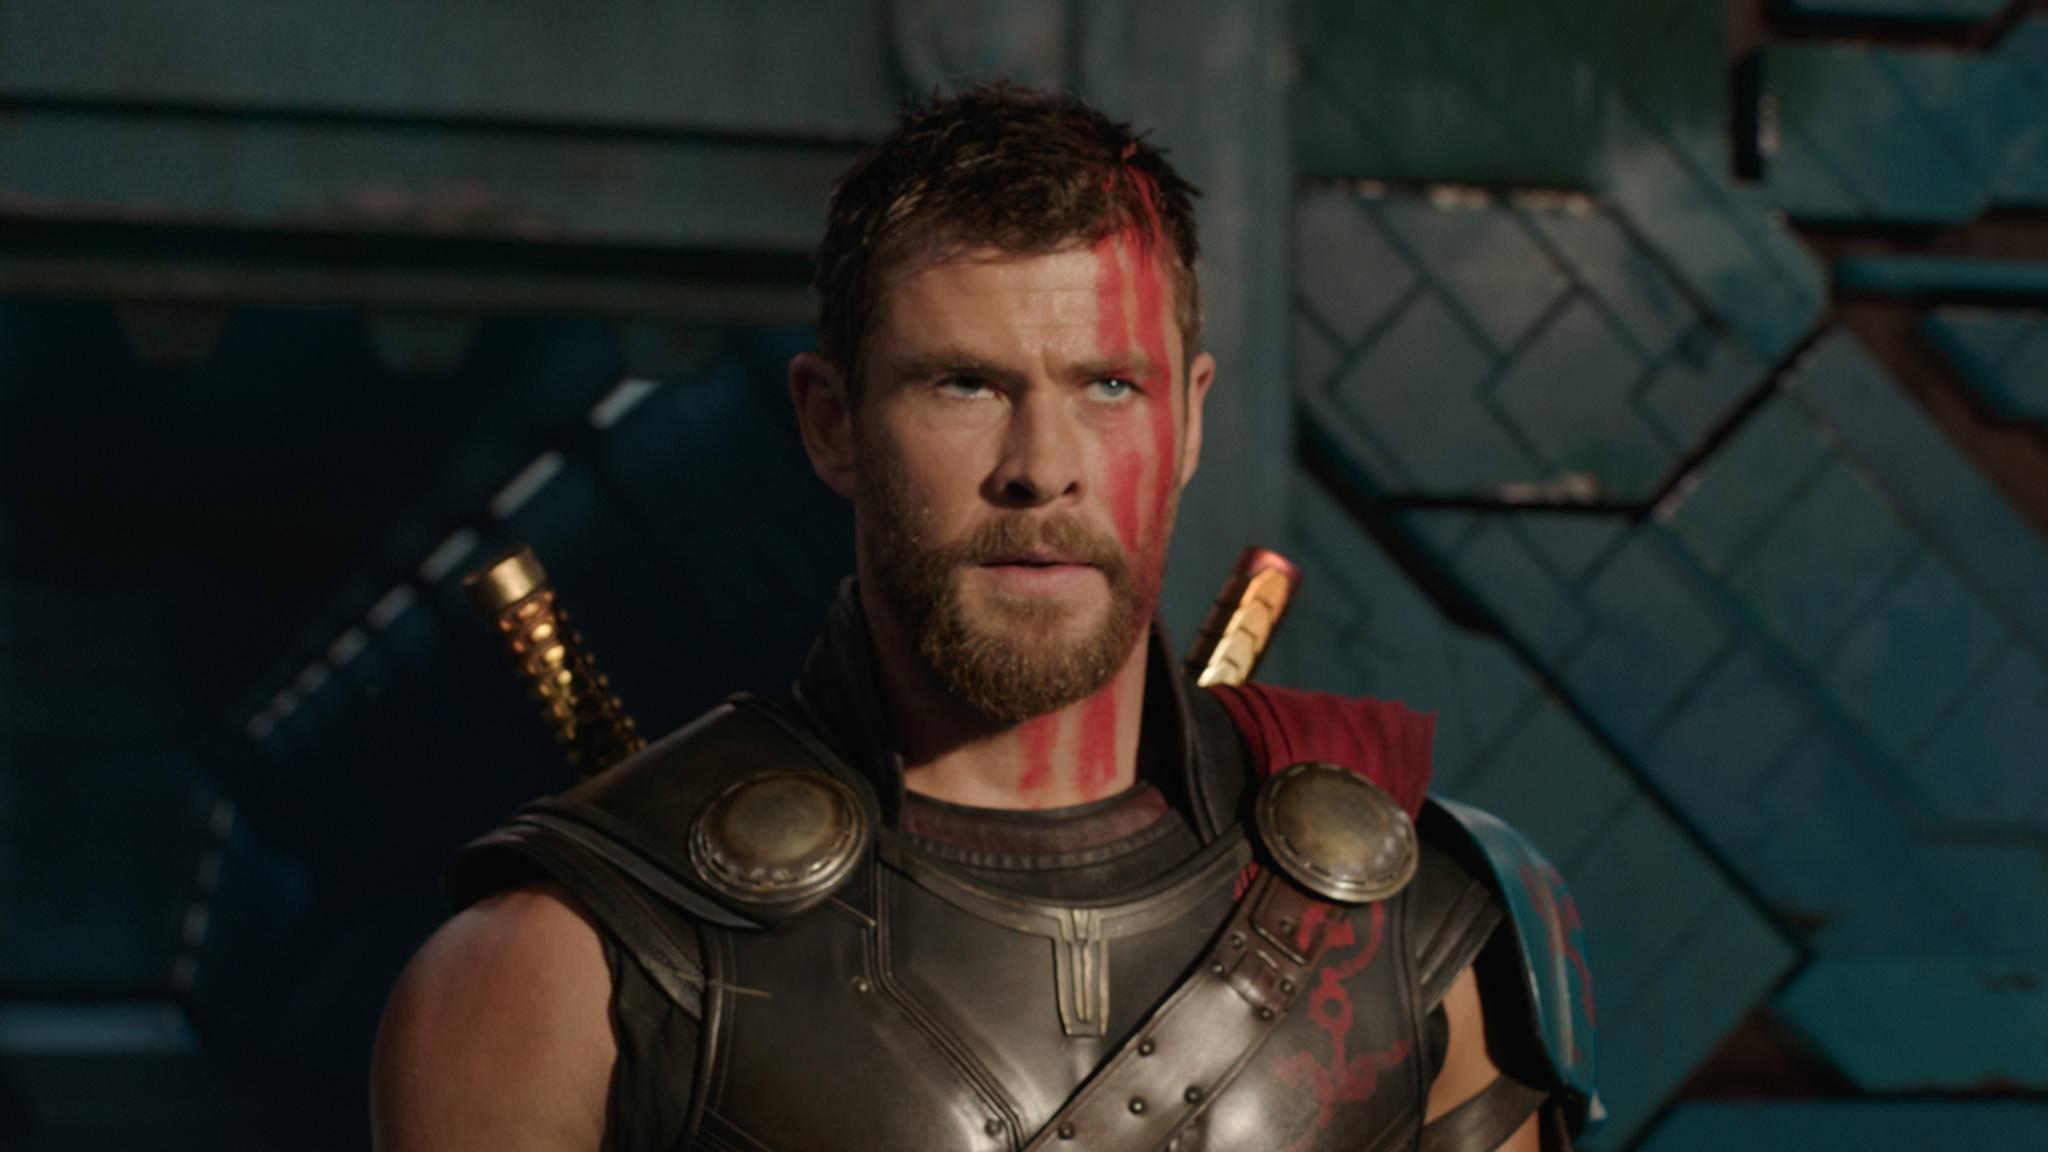 """So farbenfroh wie in """"Thor 3"""" bekommen die Marvel-Fans den Donnergott in """"Avengers: Infinity War"""" nicht zu sehen."""